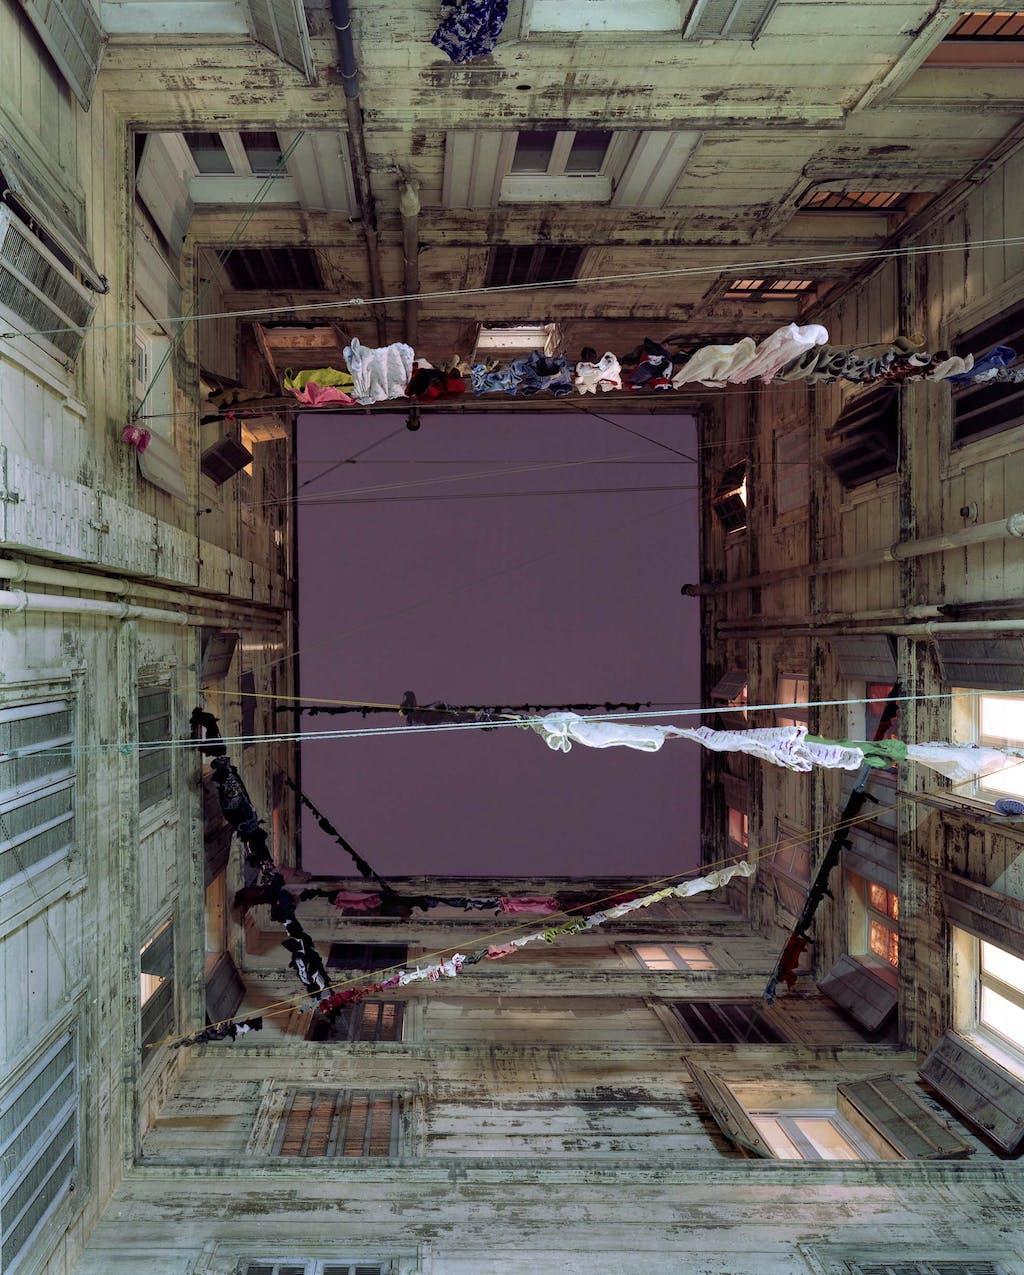 Cour intérieure, 28 septembre 2008 - © kamel mennour